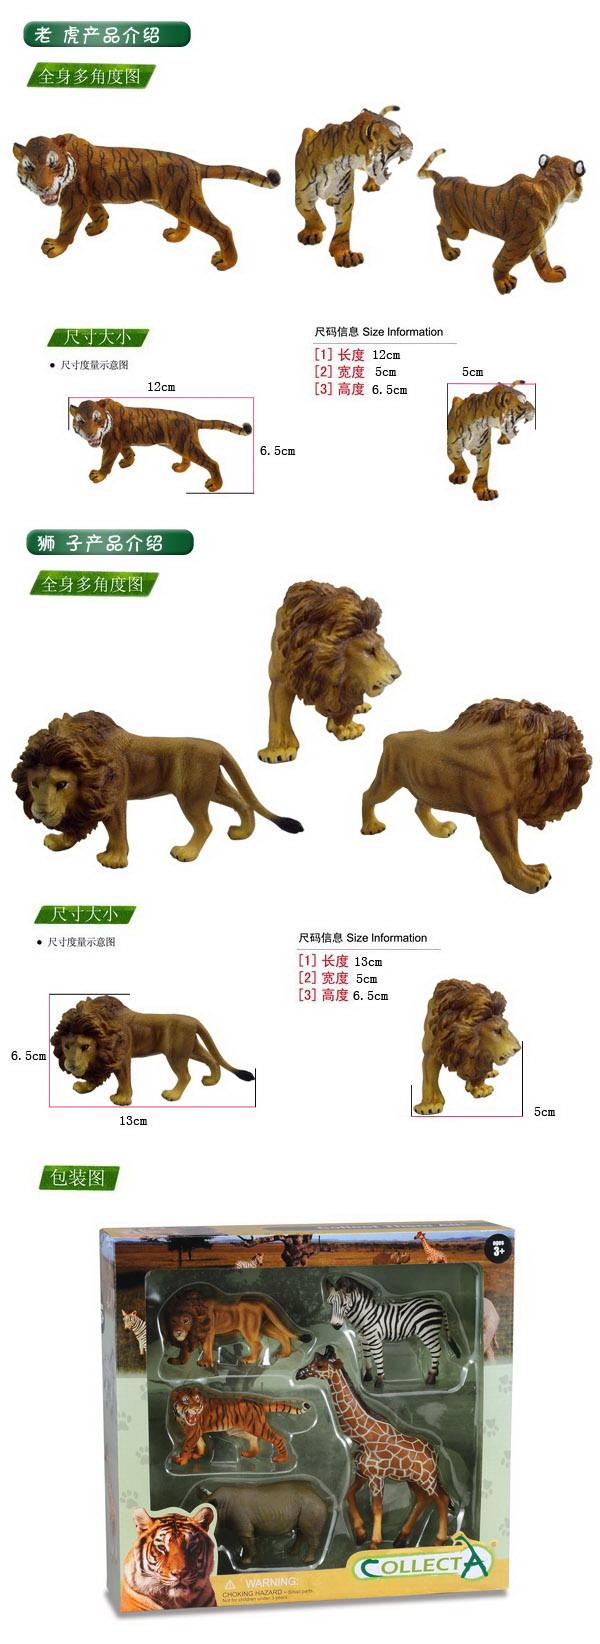 collecta 森林系列 森林动物5只礼盒装 89200